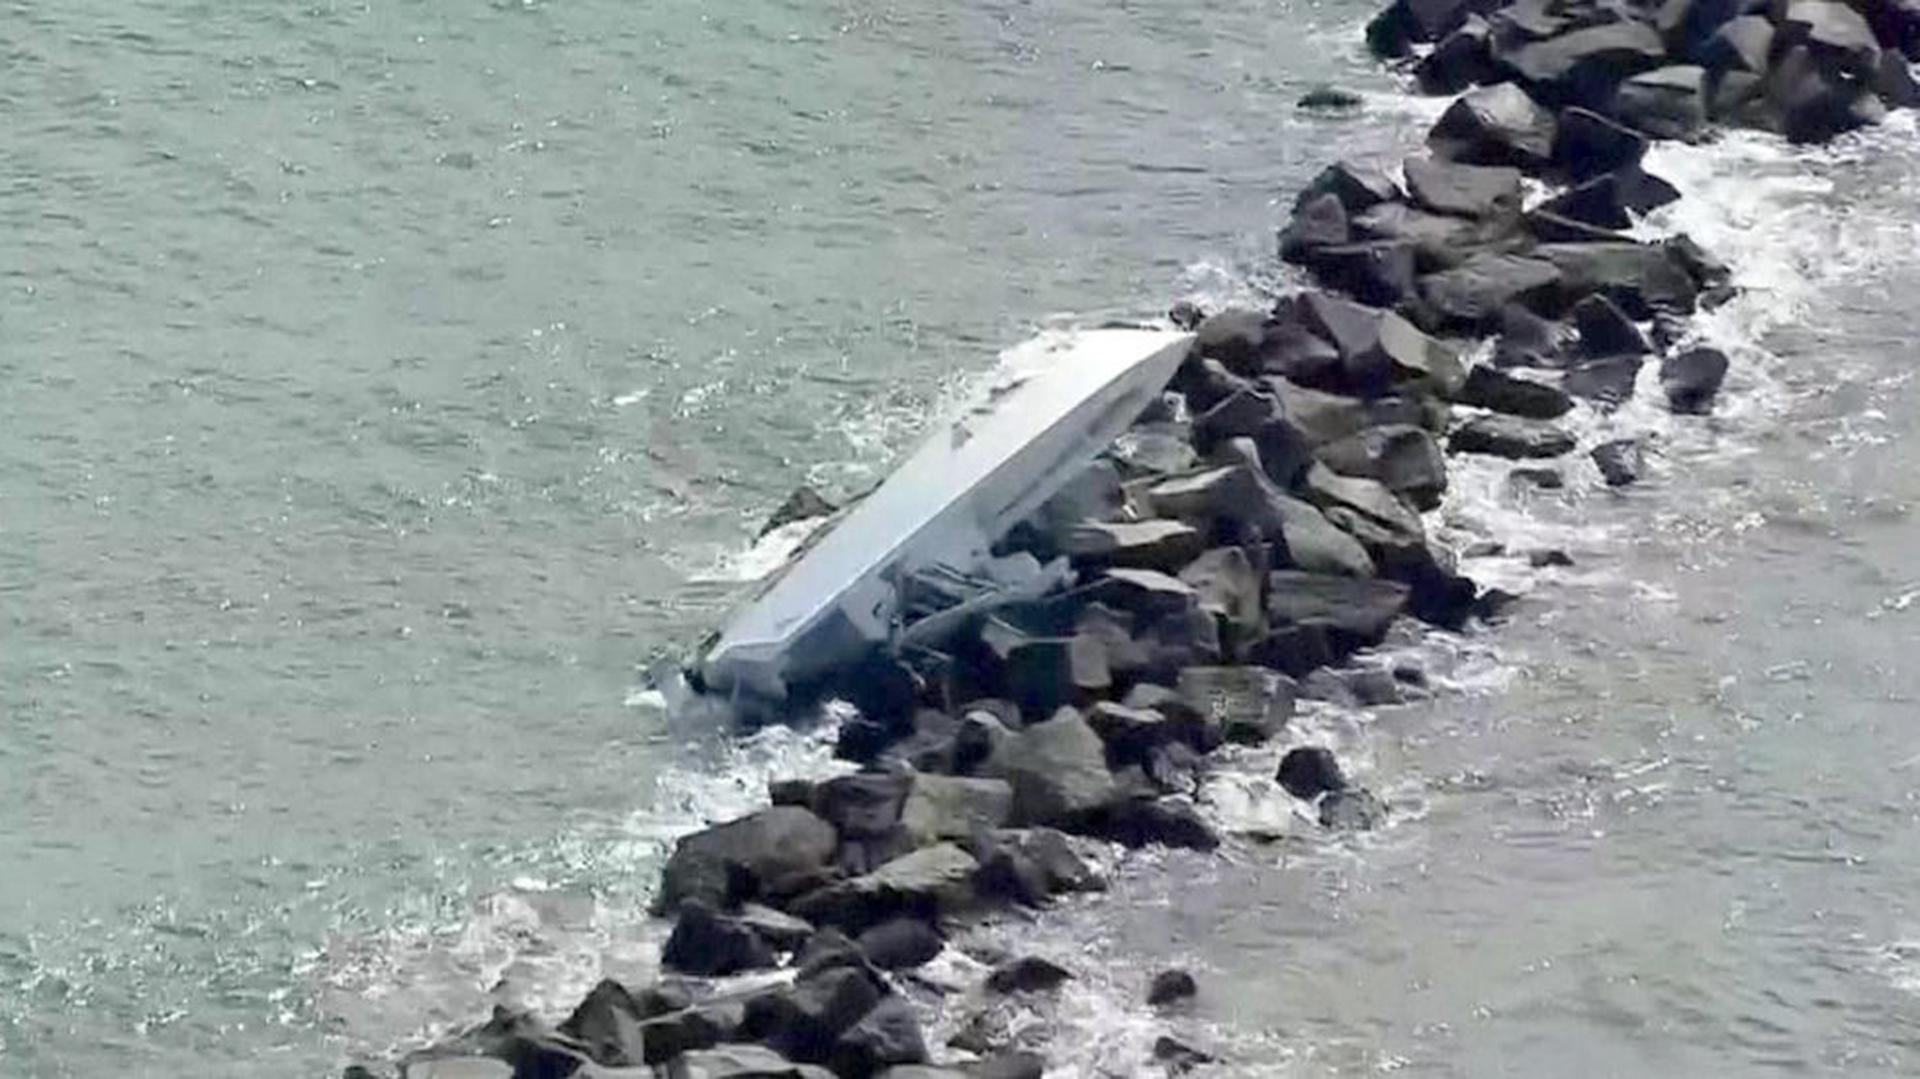 La investigación determinó que Fernández piloteaba su bote cuando se estrelló contra un rompeolas de Miami Beach en septiembre de 2016